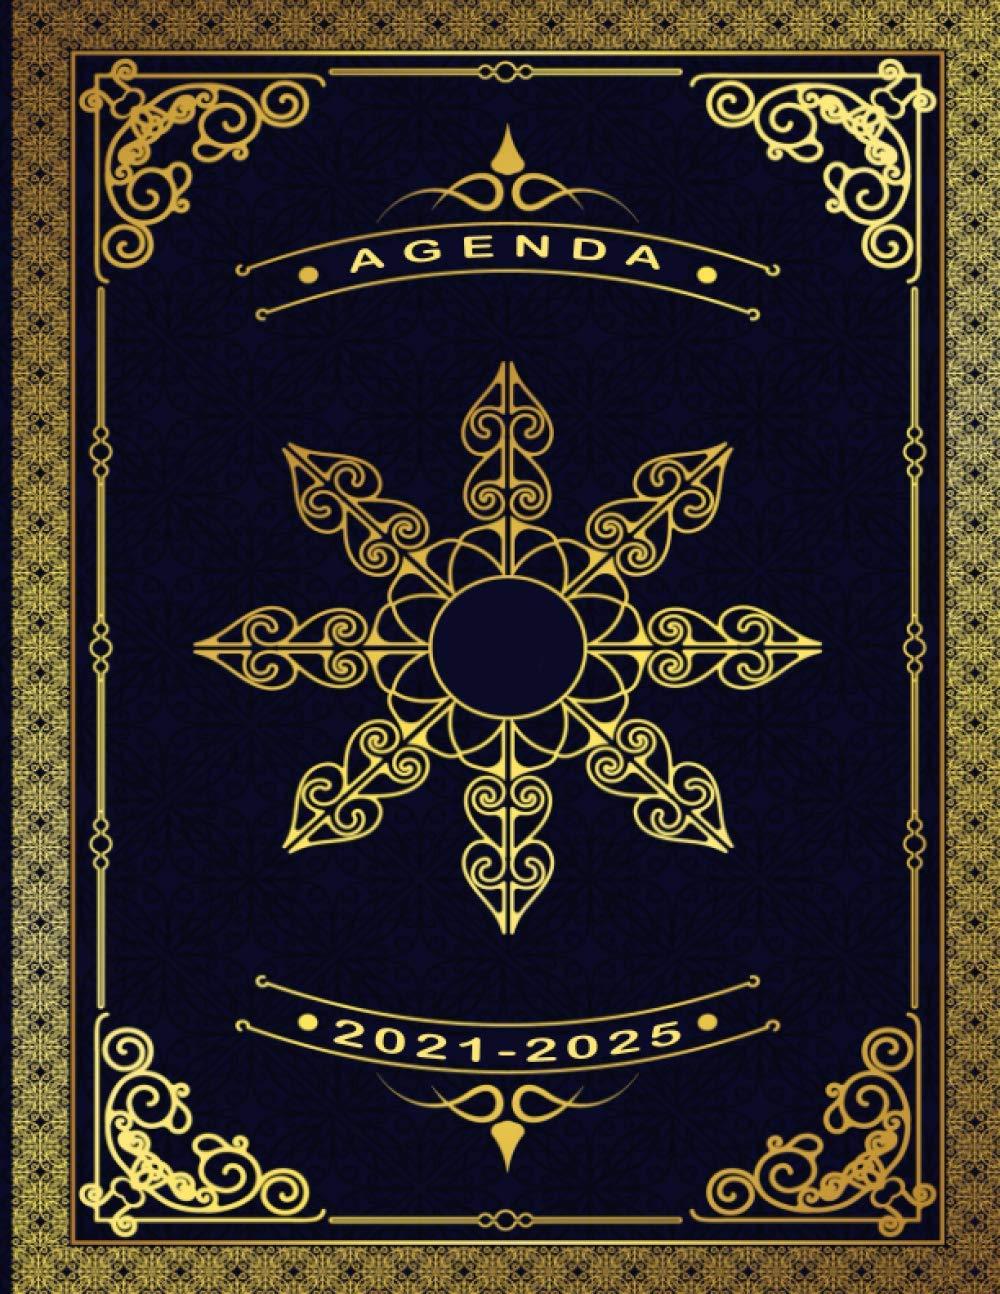 Calendrier Serie A 2022 2023 Agenda 2021 2022 2023 2024 2025, Agenda A4, Agenda de 5 ans pour